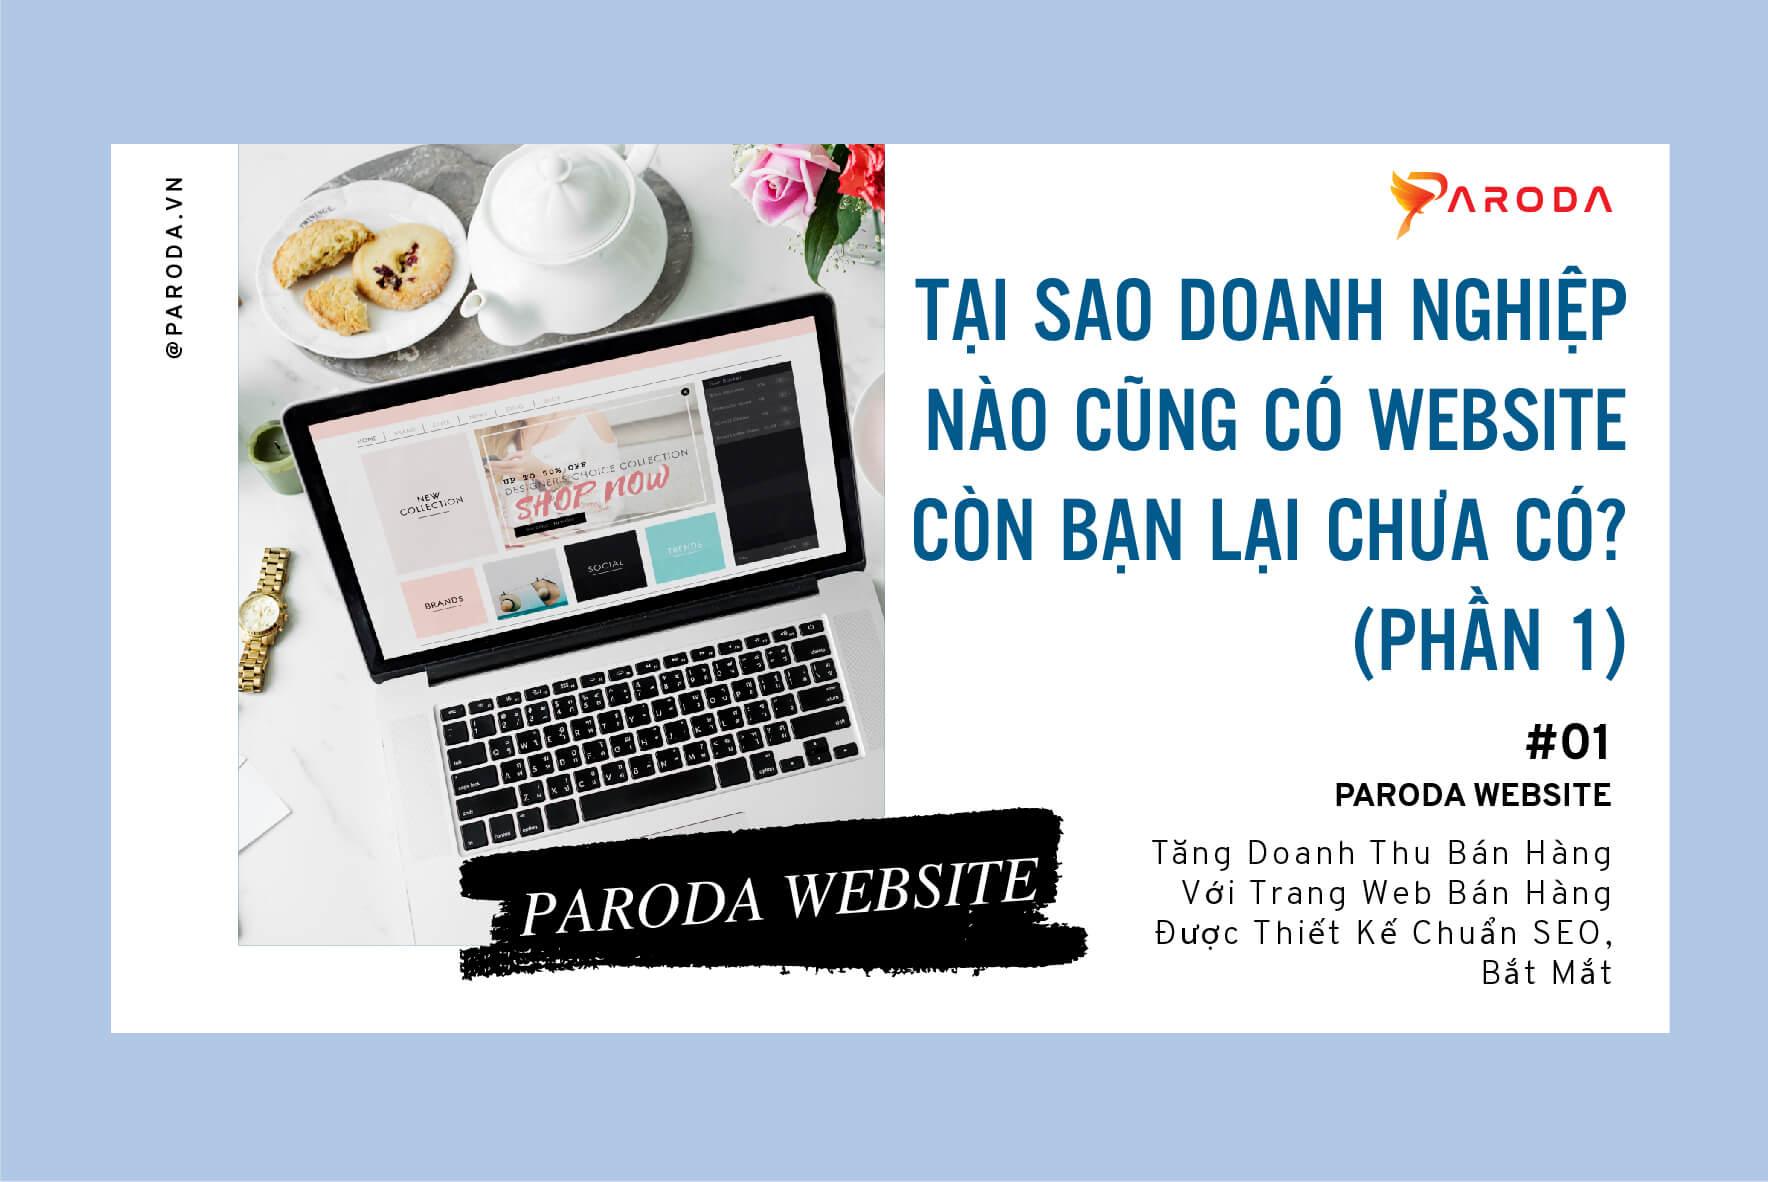 Tại sao doanh nghiệp nào cũng có website